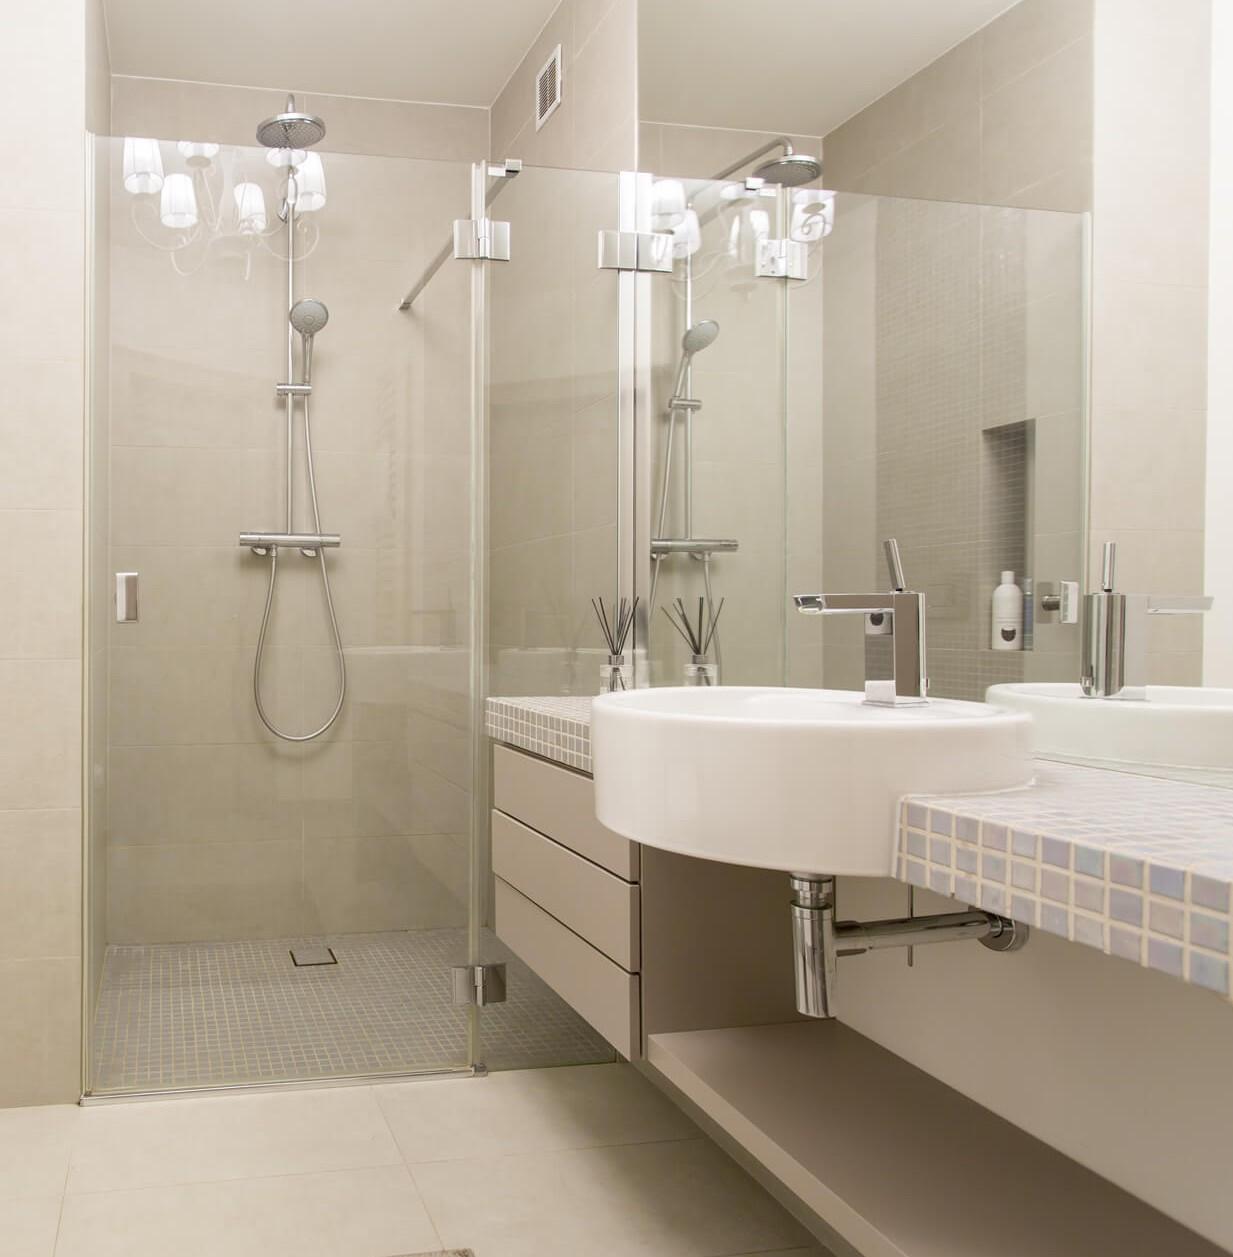 Full Size of Dusche Bodengleich Bodengleiche Duschen Bei Glasprofi24 Kaufen Rainshower Komplett Set Schulte Begehbare Wand Unterputz Armatur Antirutschmatte Ohne Tür Dusche Dusche Bodengleich